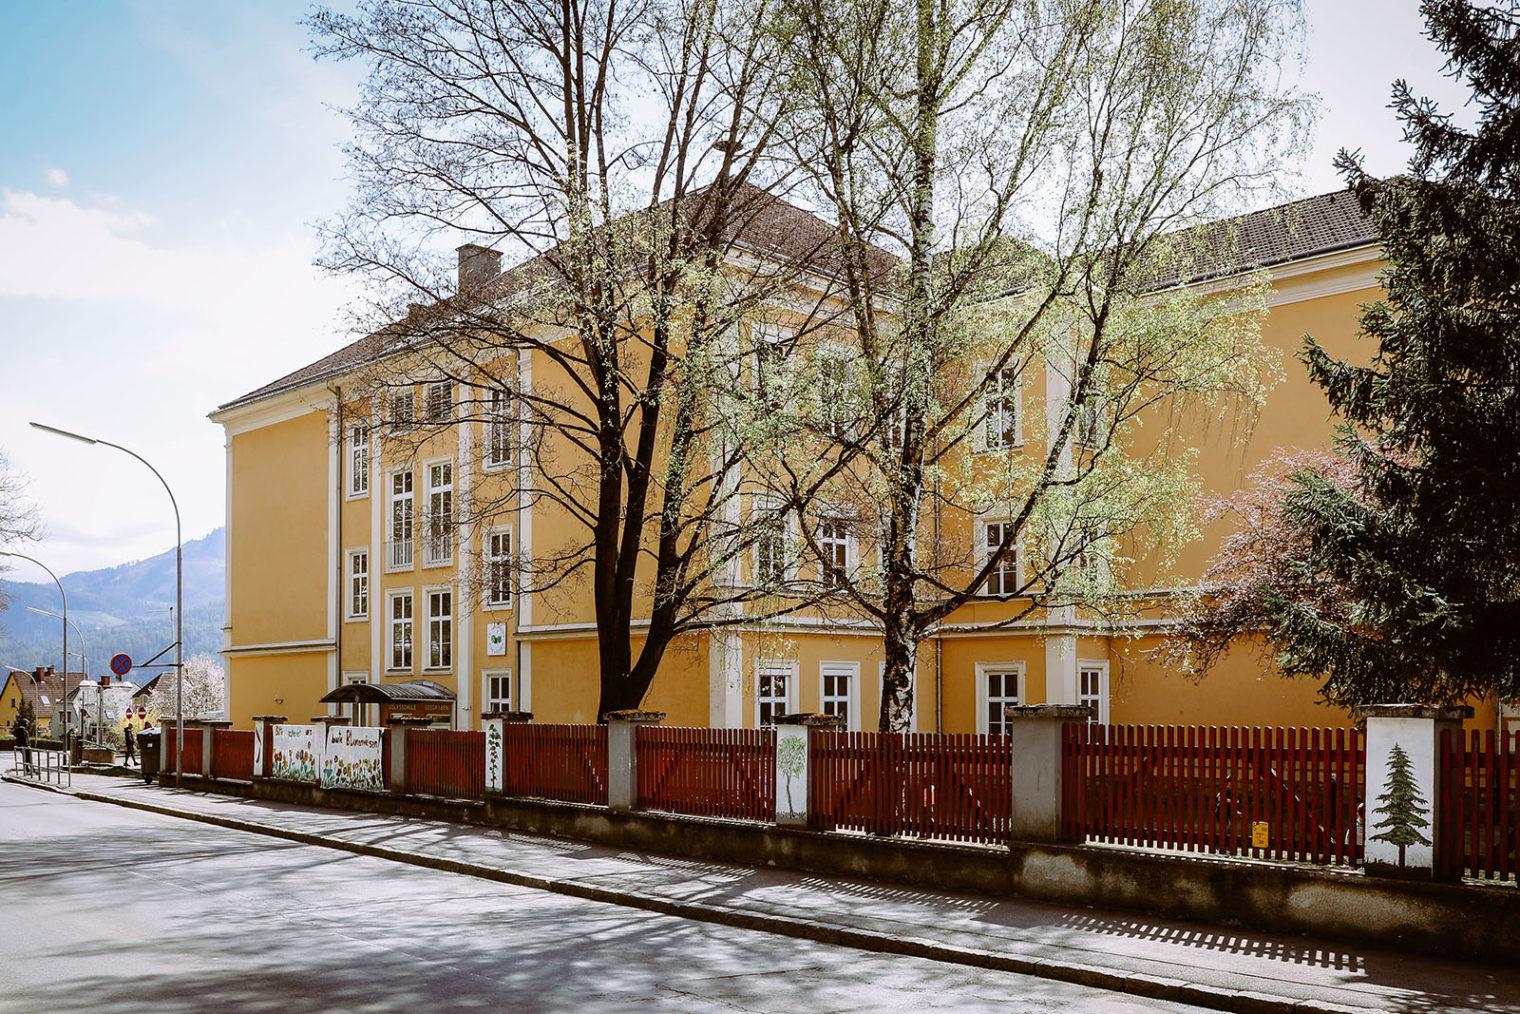 Außenaufnahme der Volksschule Leoben Seegraben